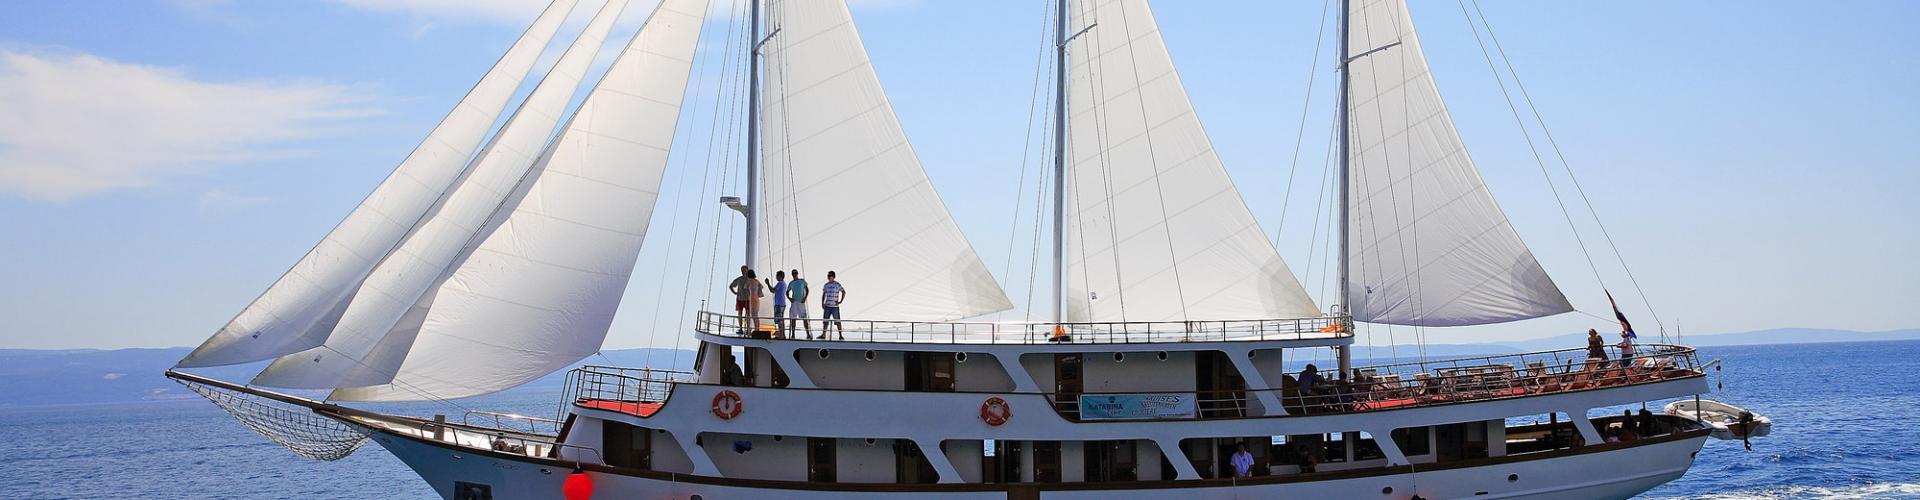 Premium cruiser MV Eos- motor sailer